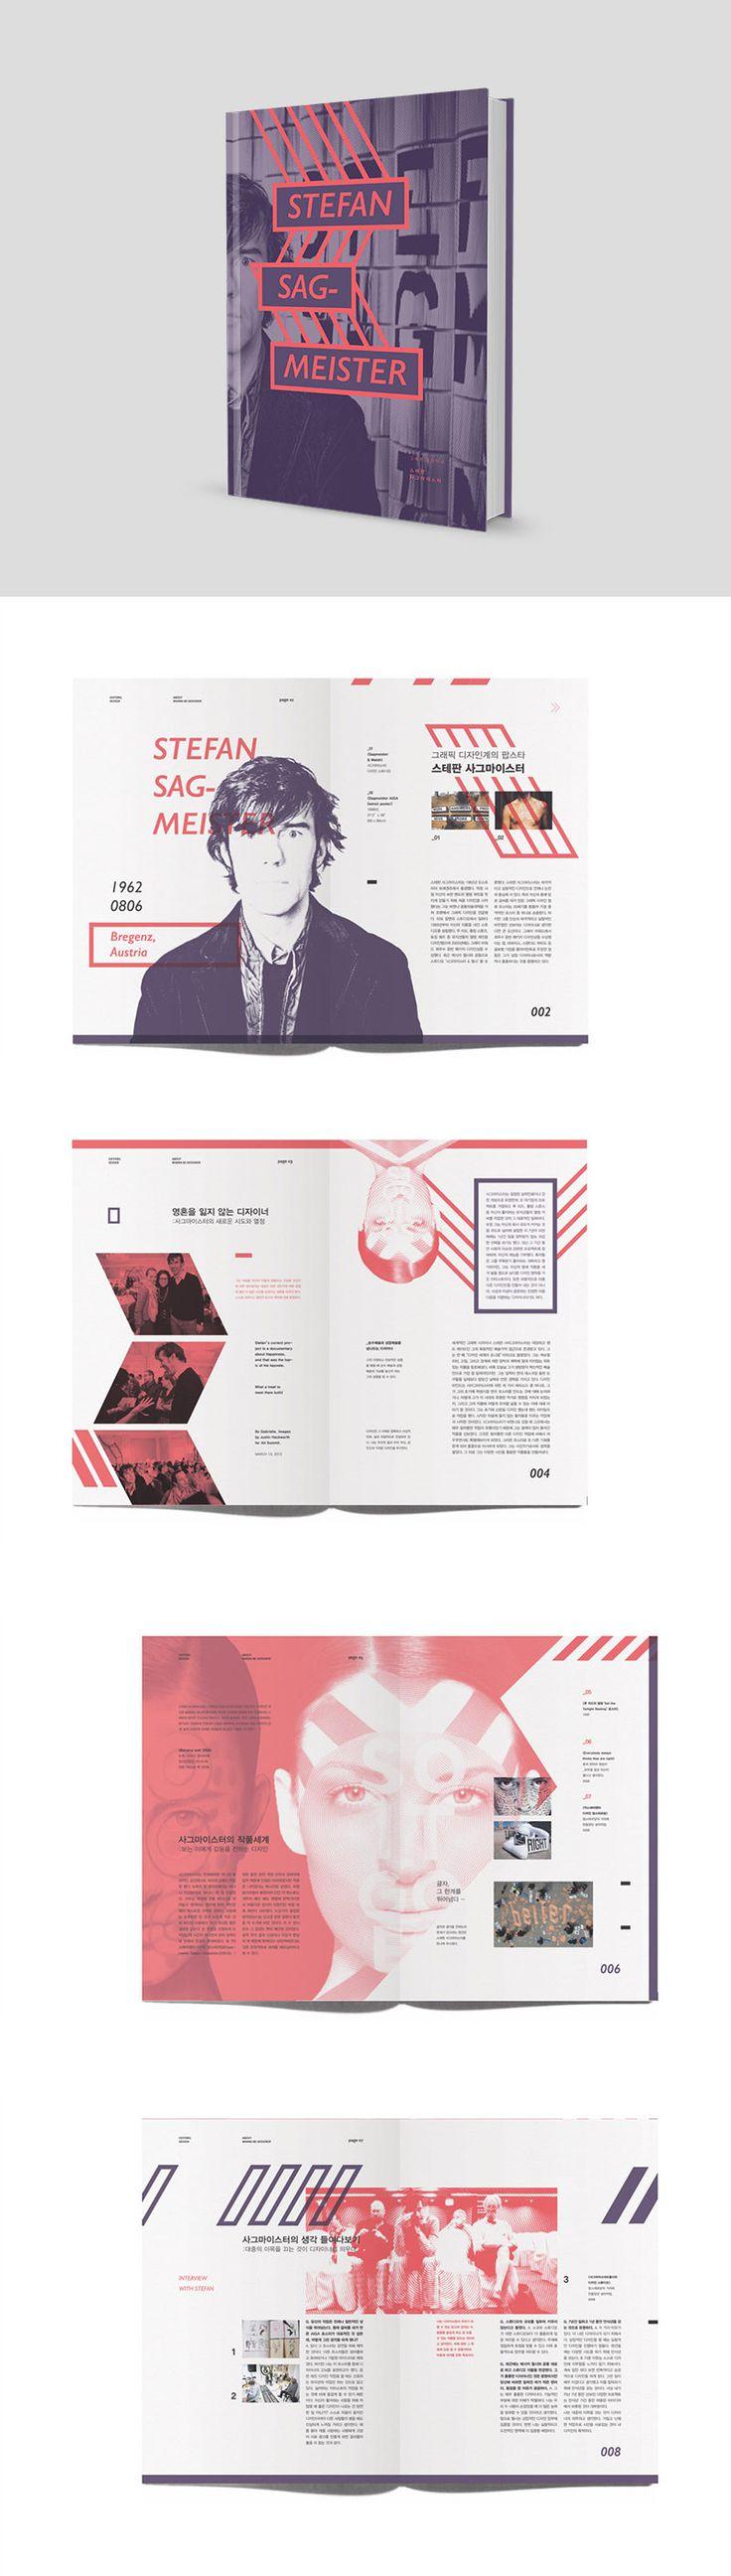 스테판 사그마이스터 편집물 디자인 - 그래픽 디자인, 브랜딩/편집